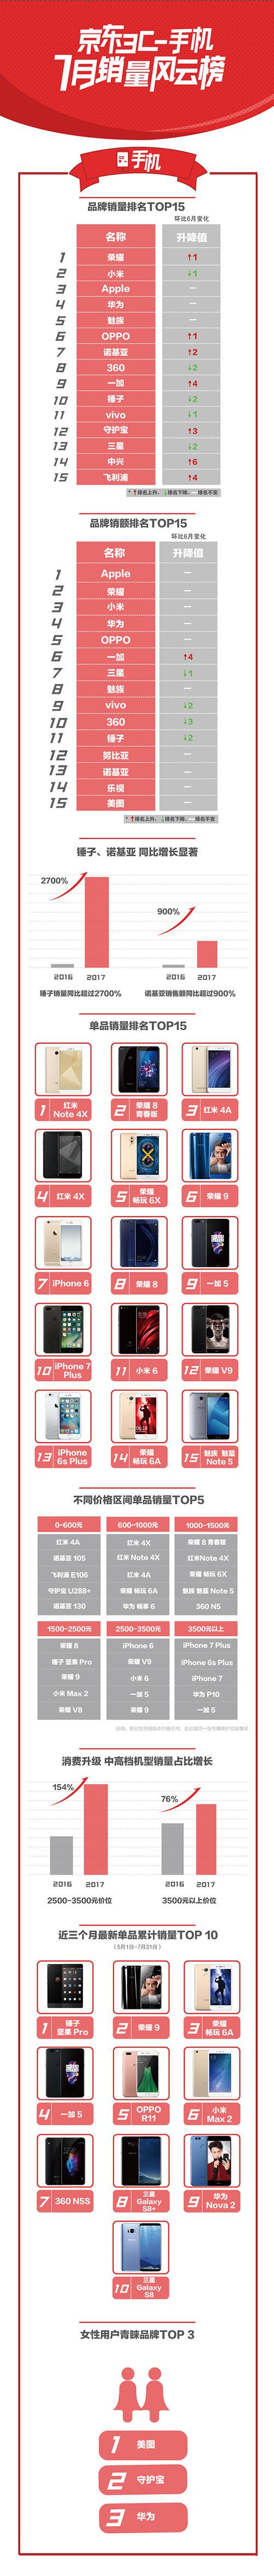 京东发7月手机销量排行榜 一加5名列前茅